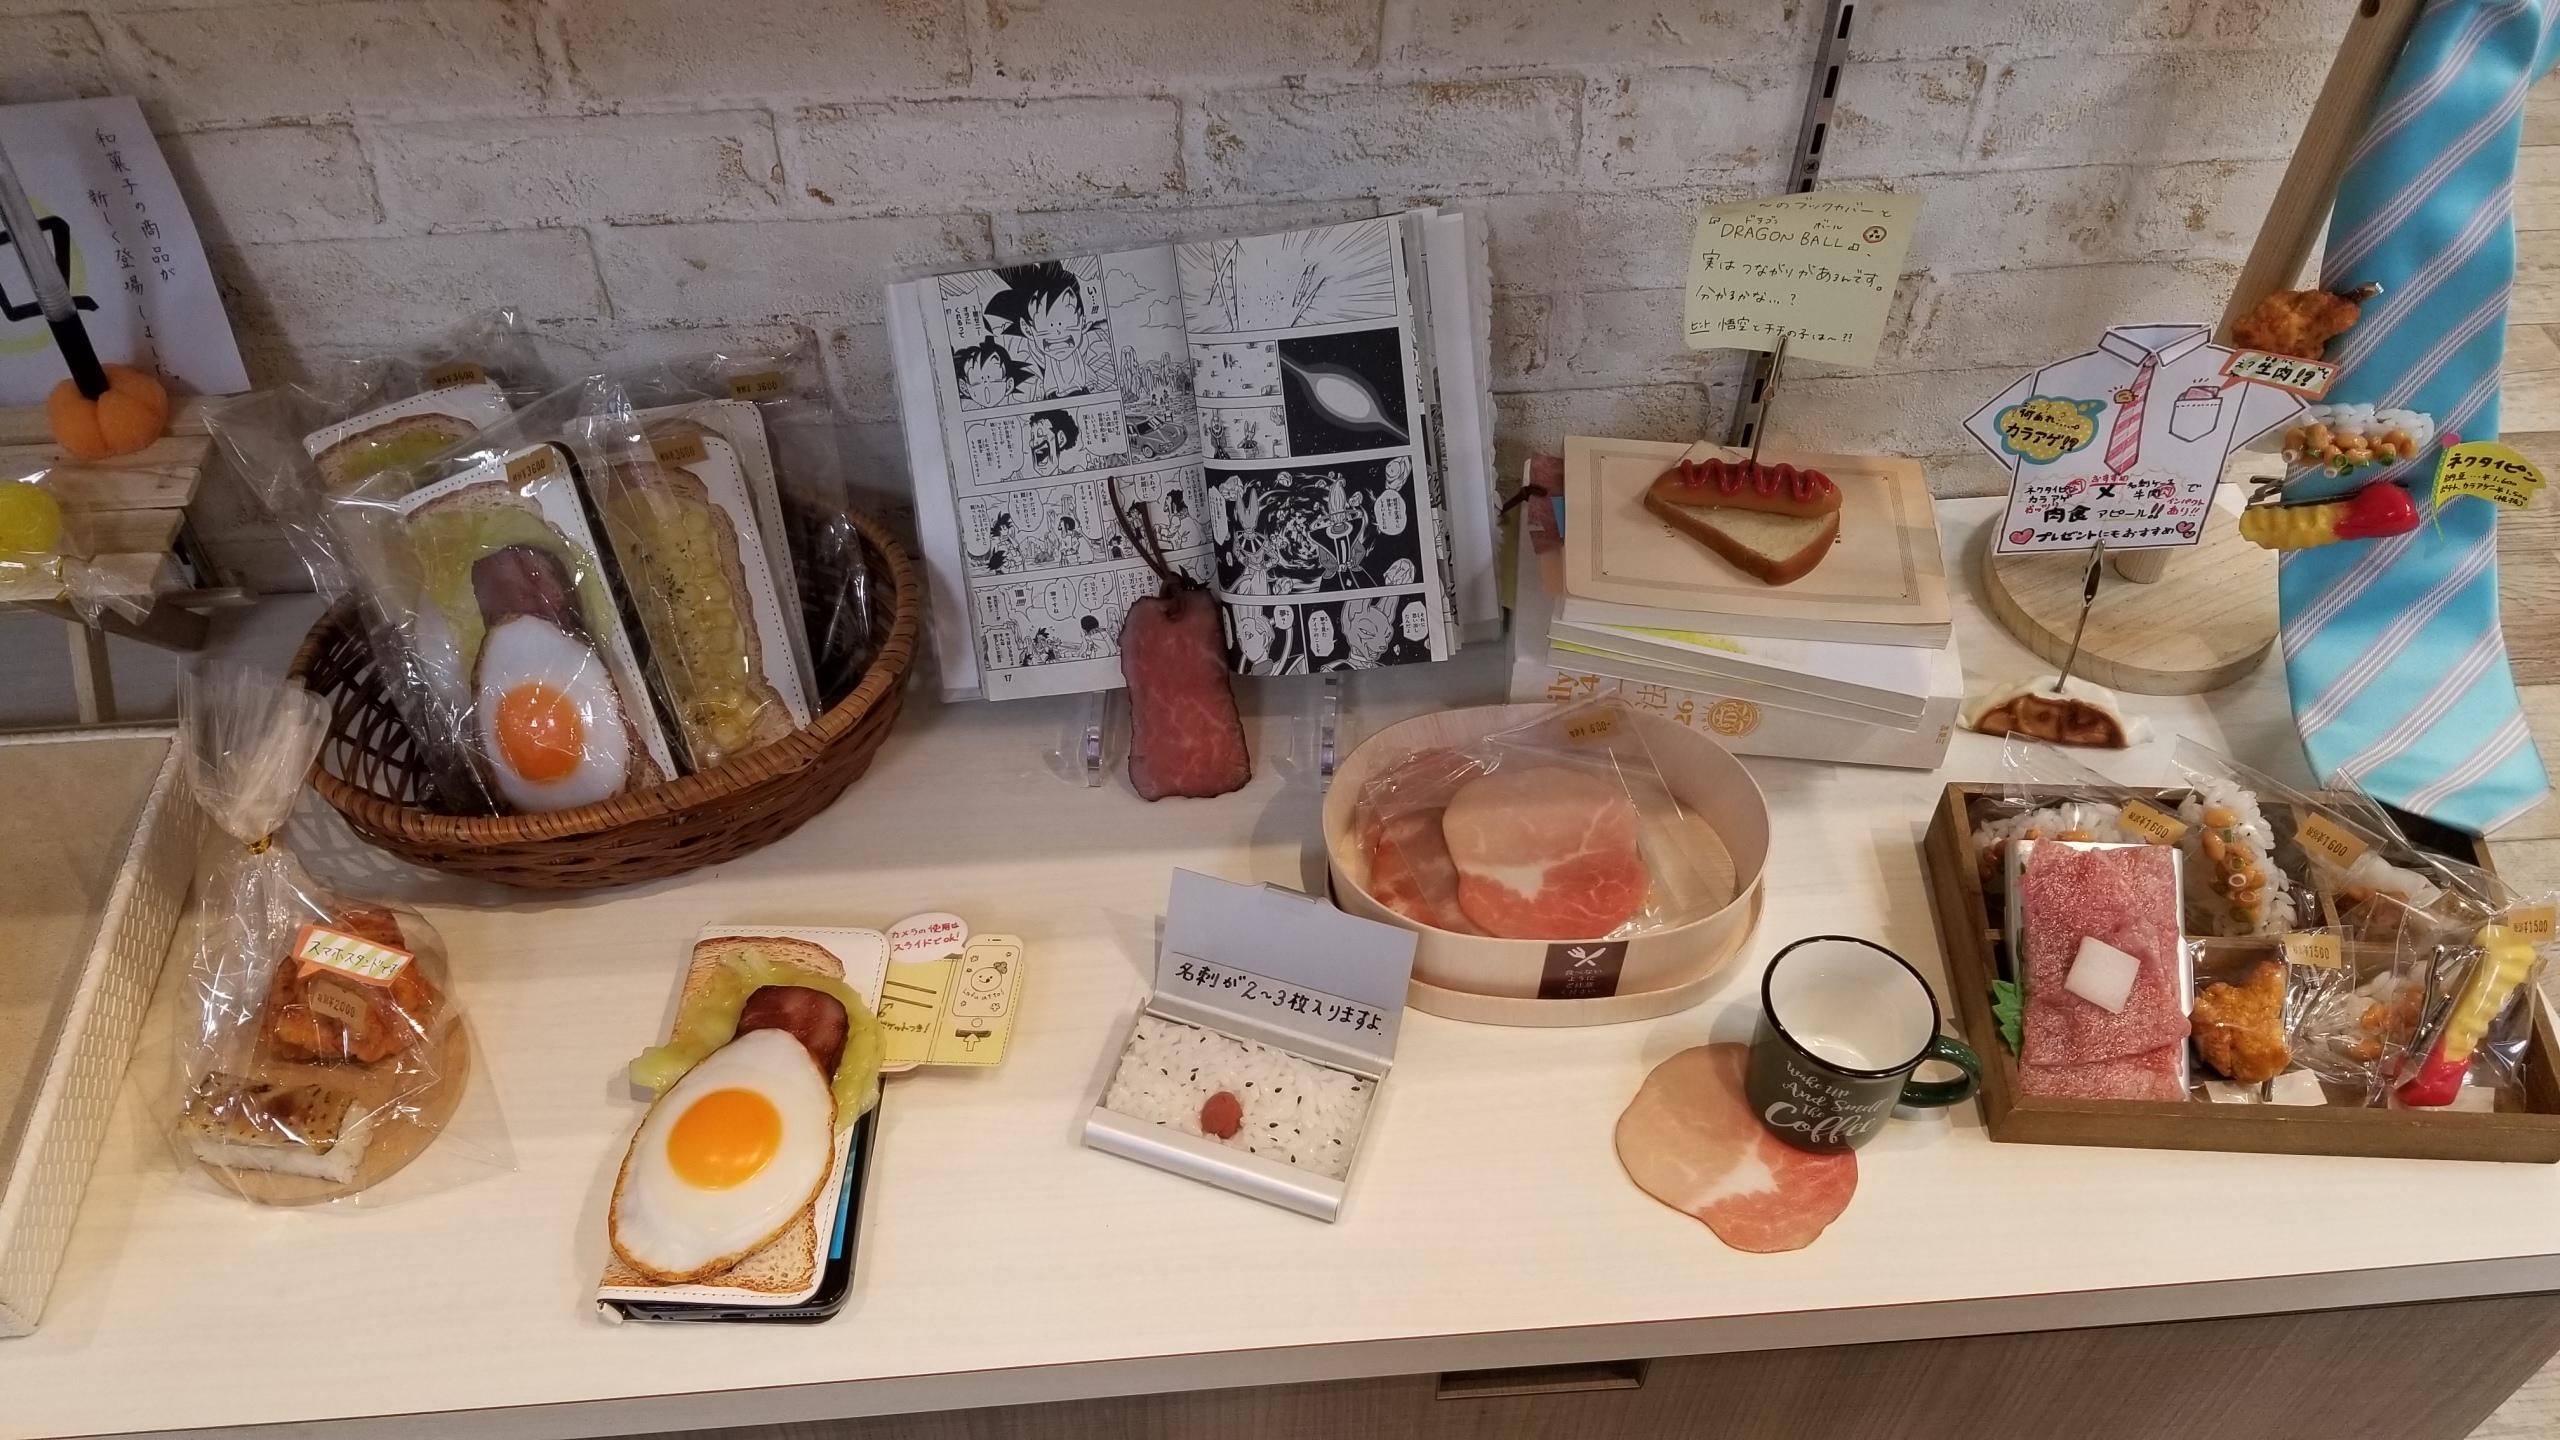 フェイクフード,食品サンプル,目玉焼き,ご飯,お店,ジョープラ,松山市